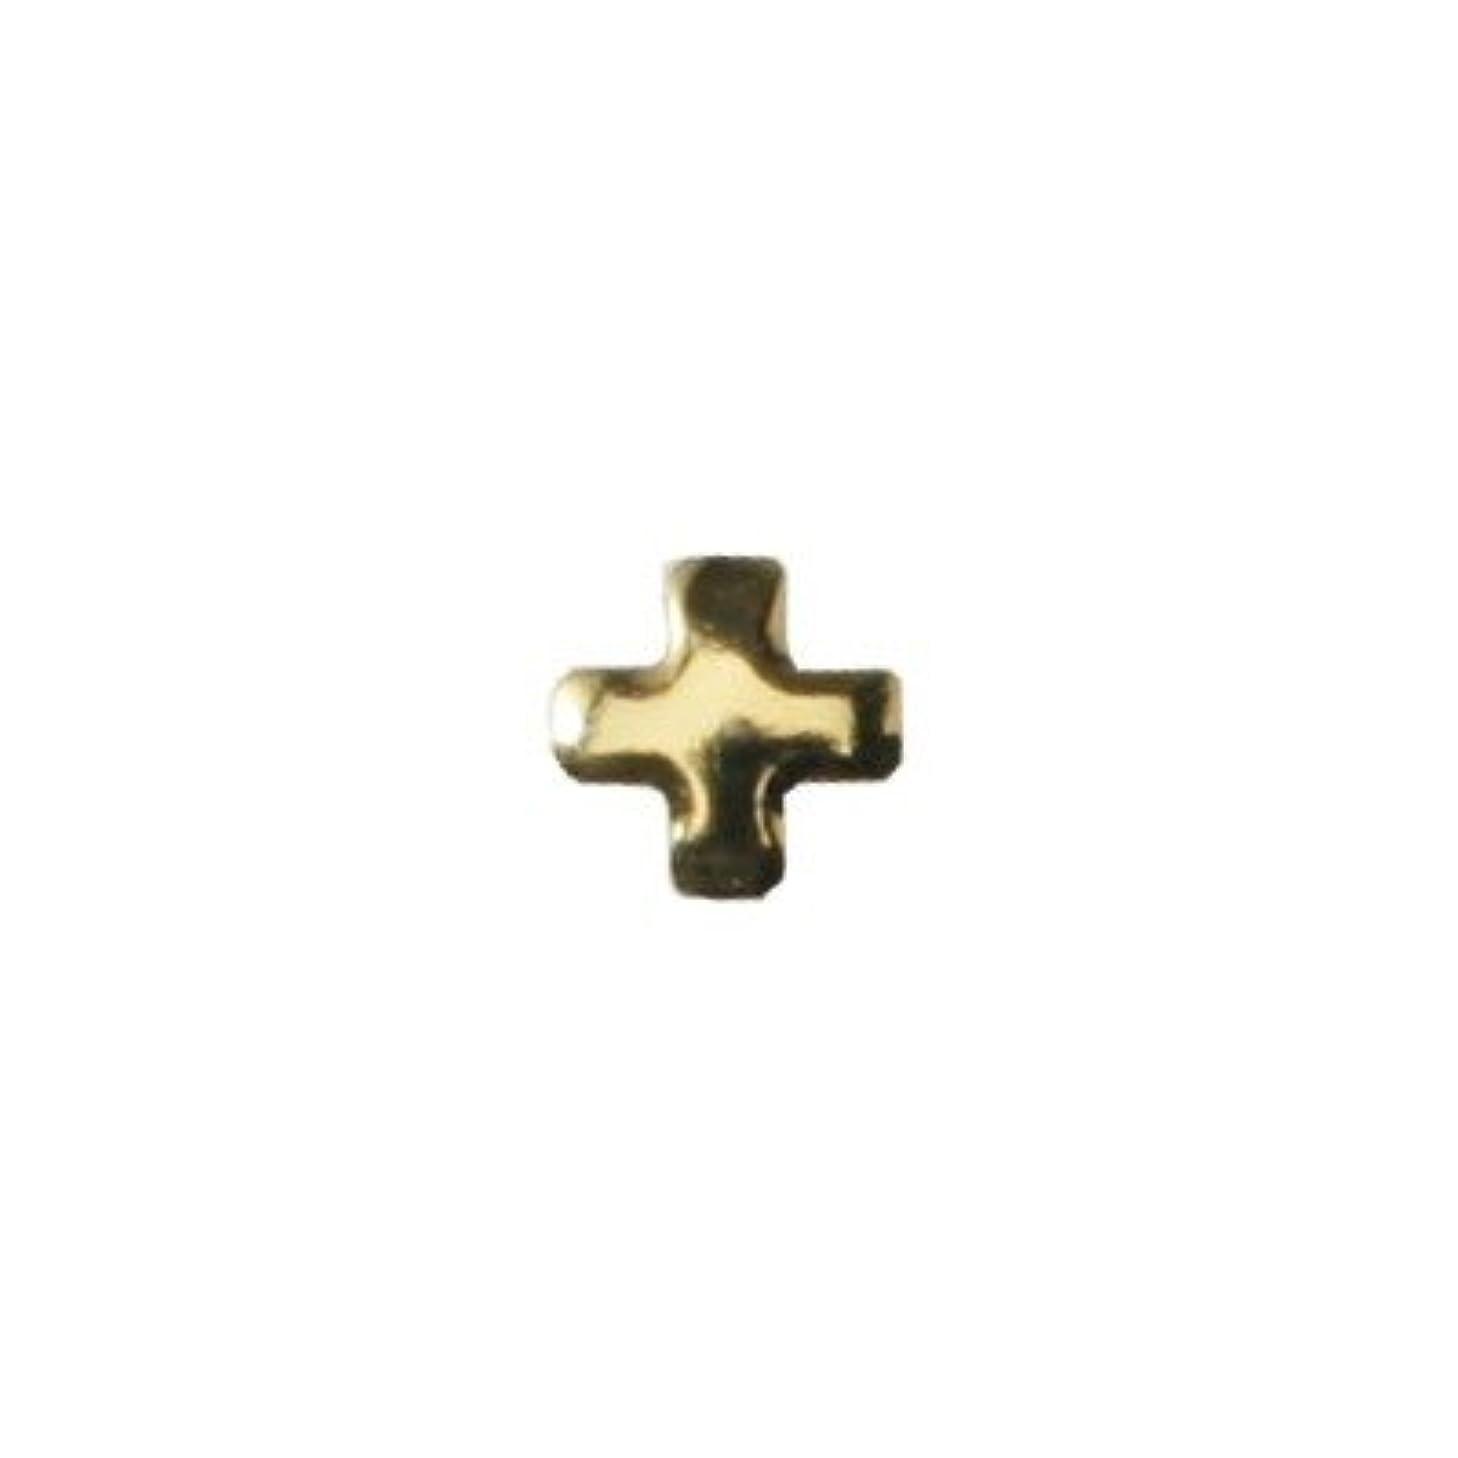 利点サミュエル克服するピアドラ スタッズ クロスレット 3mm 50P ゴールド